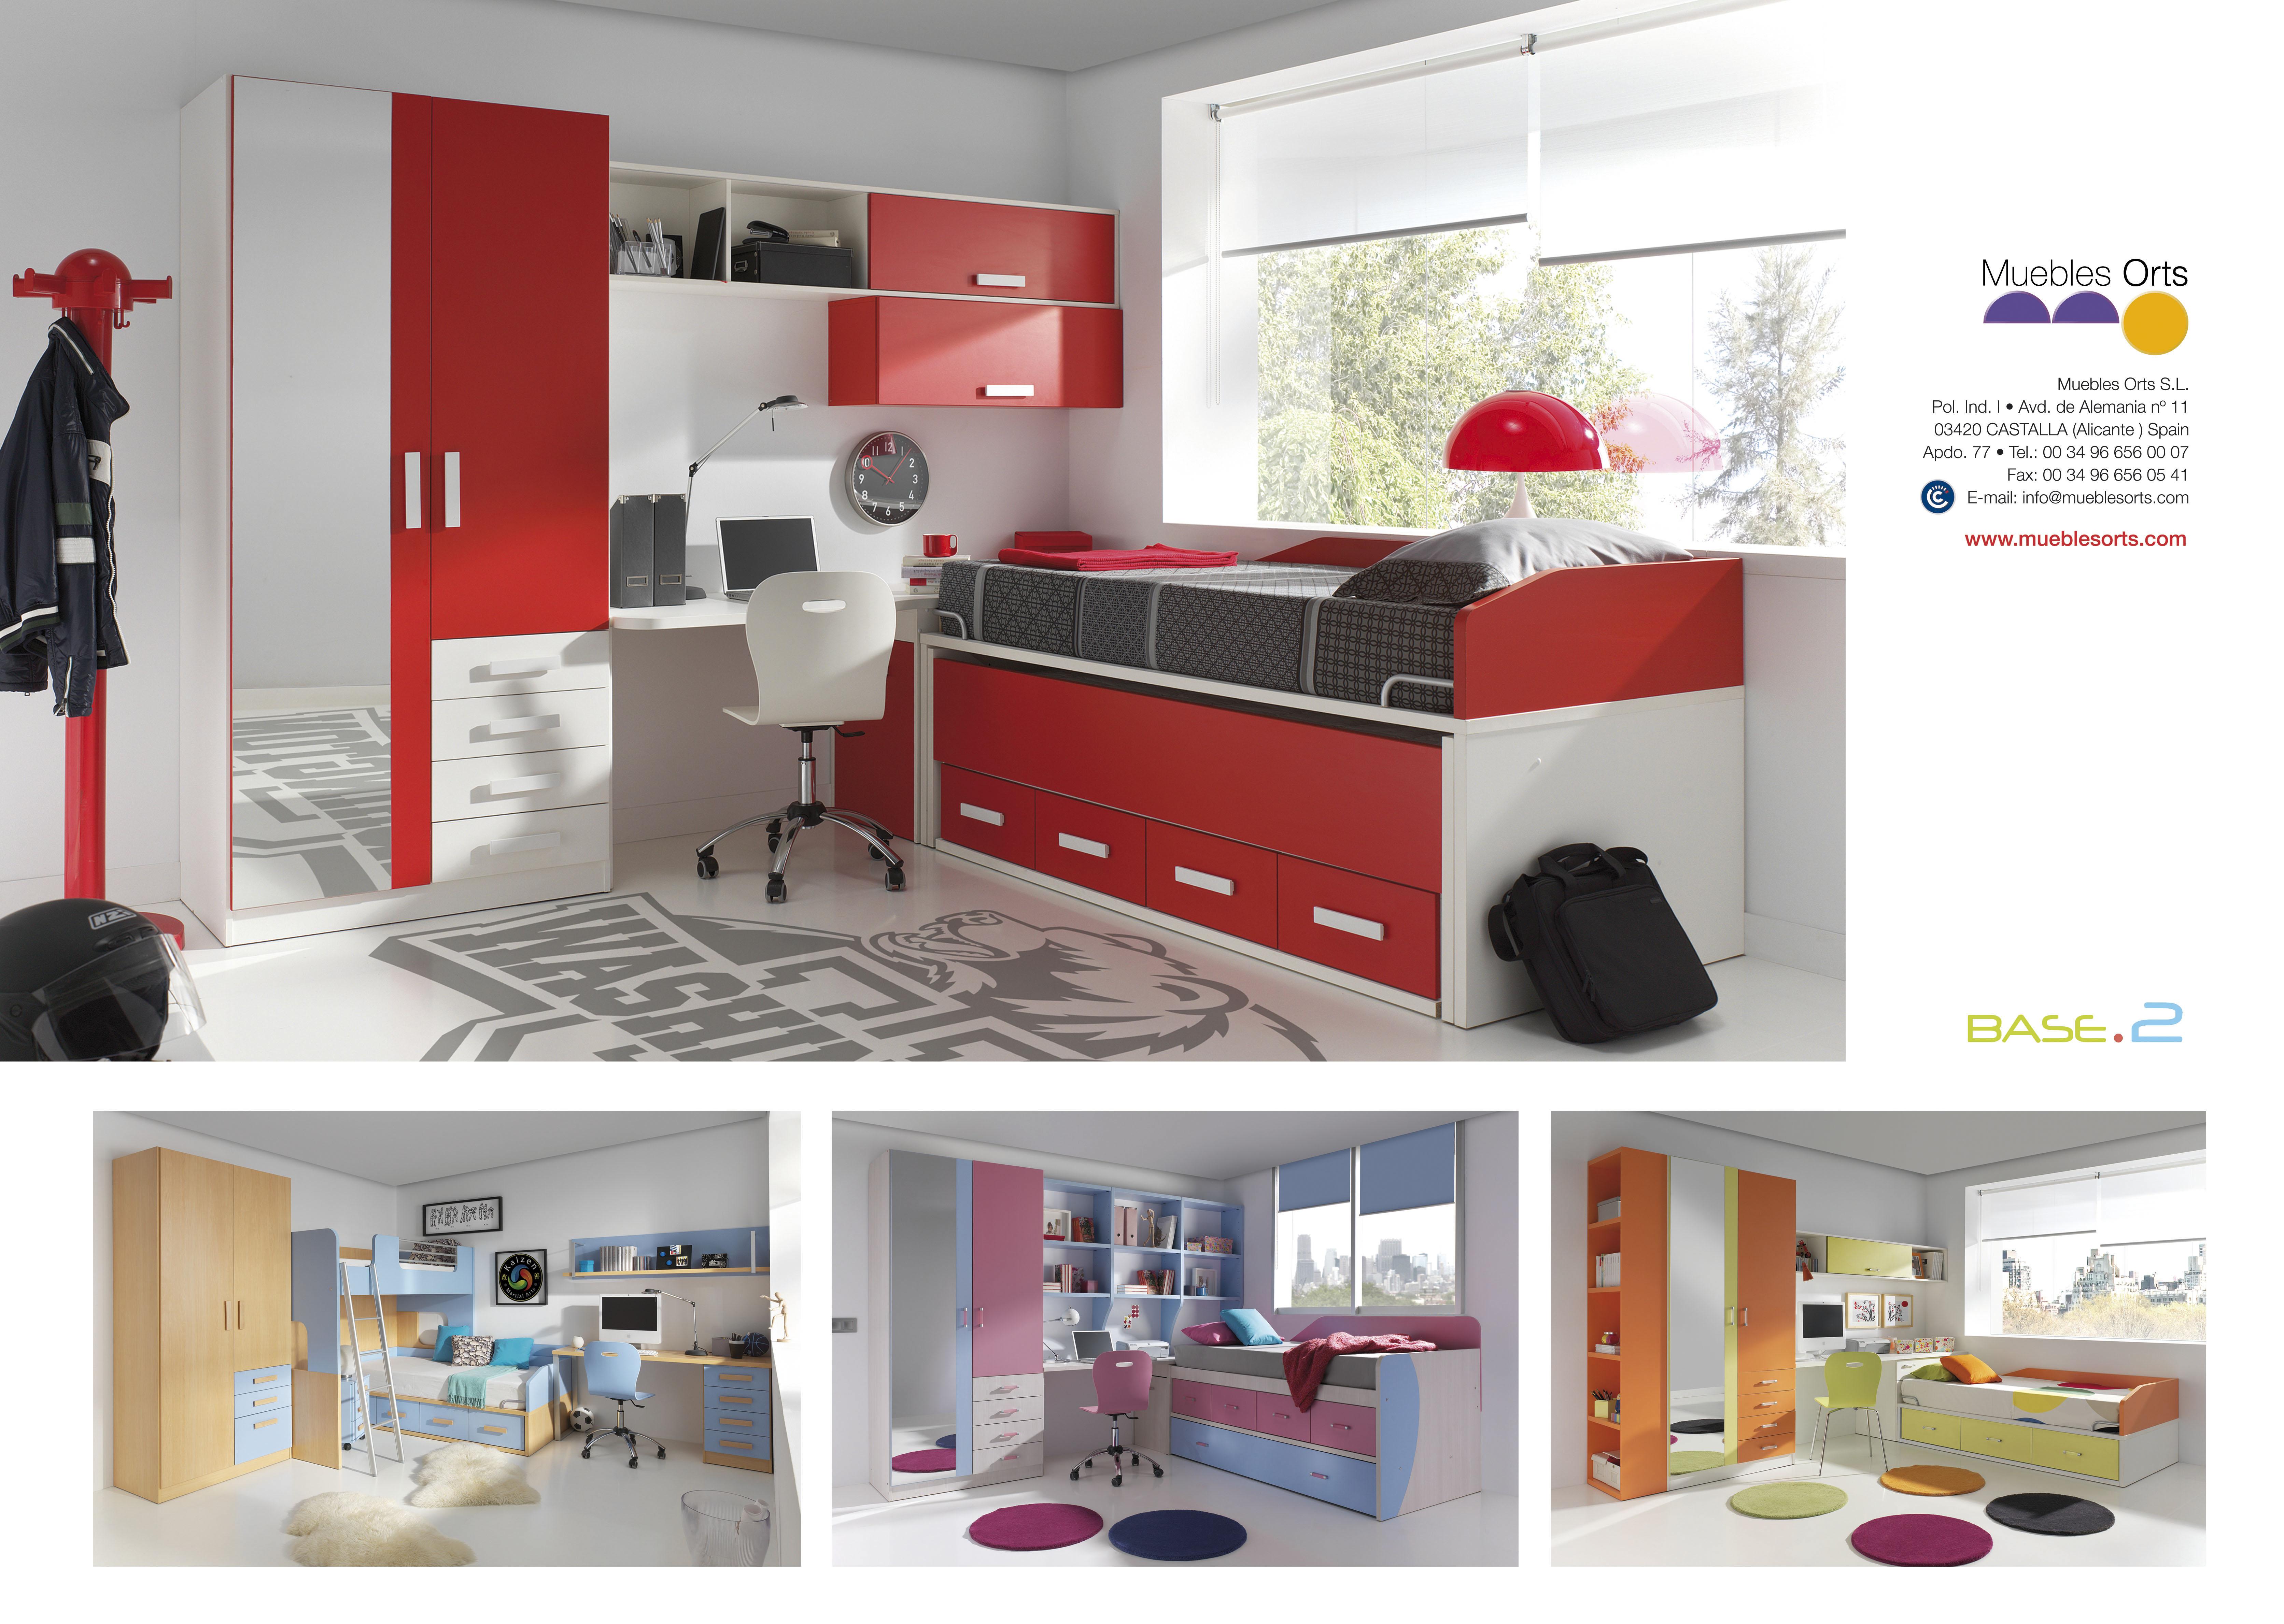 Muebles rey dormitorios juveniles affordable muebles rey - Muebles rey zaragoza ...